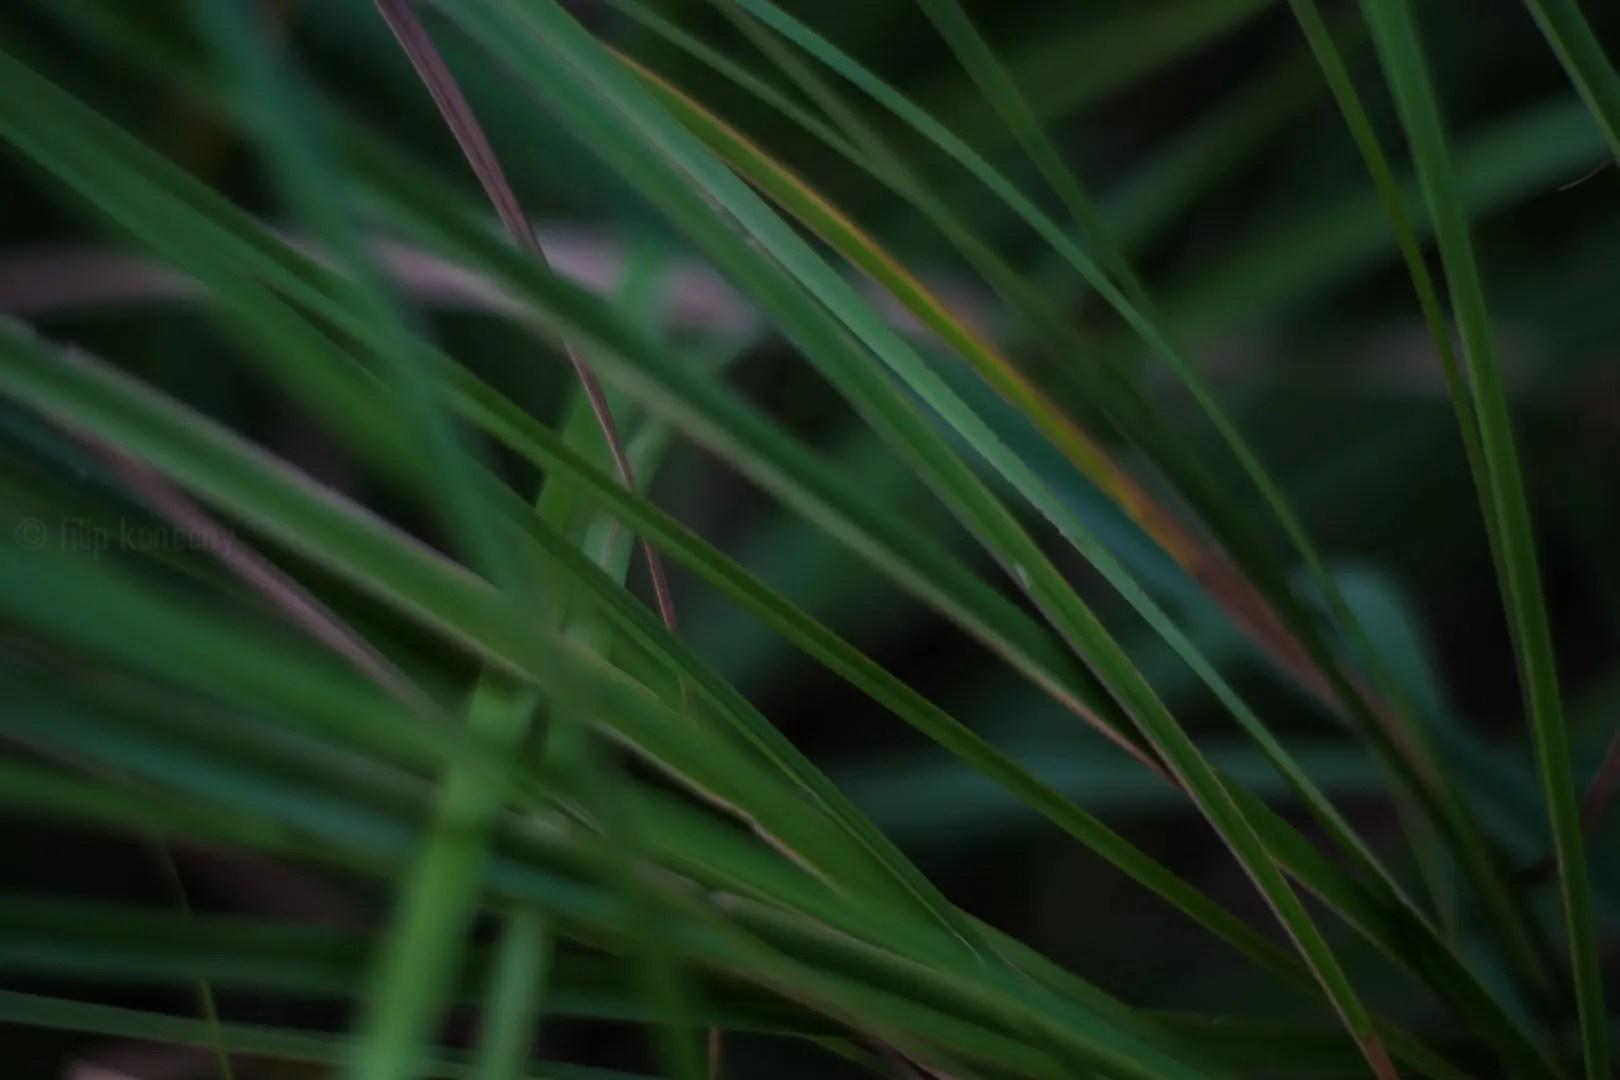 blades of grass close up